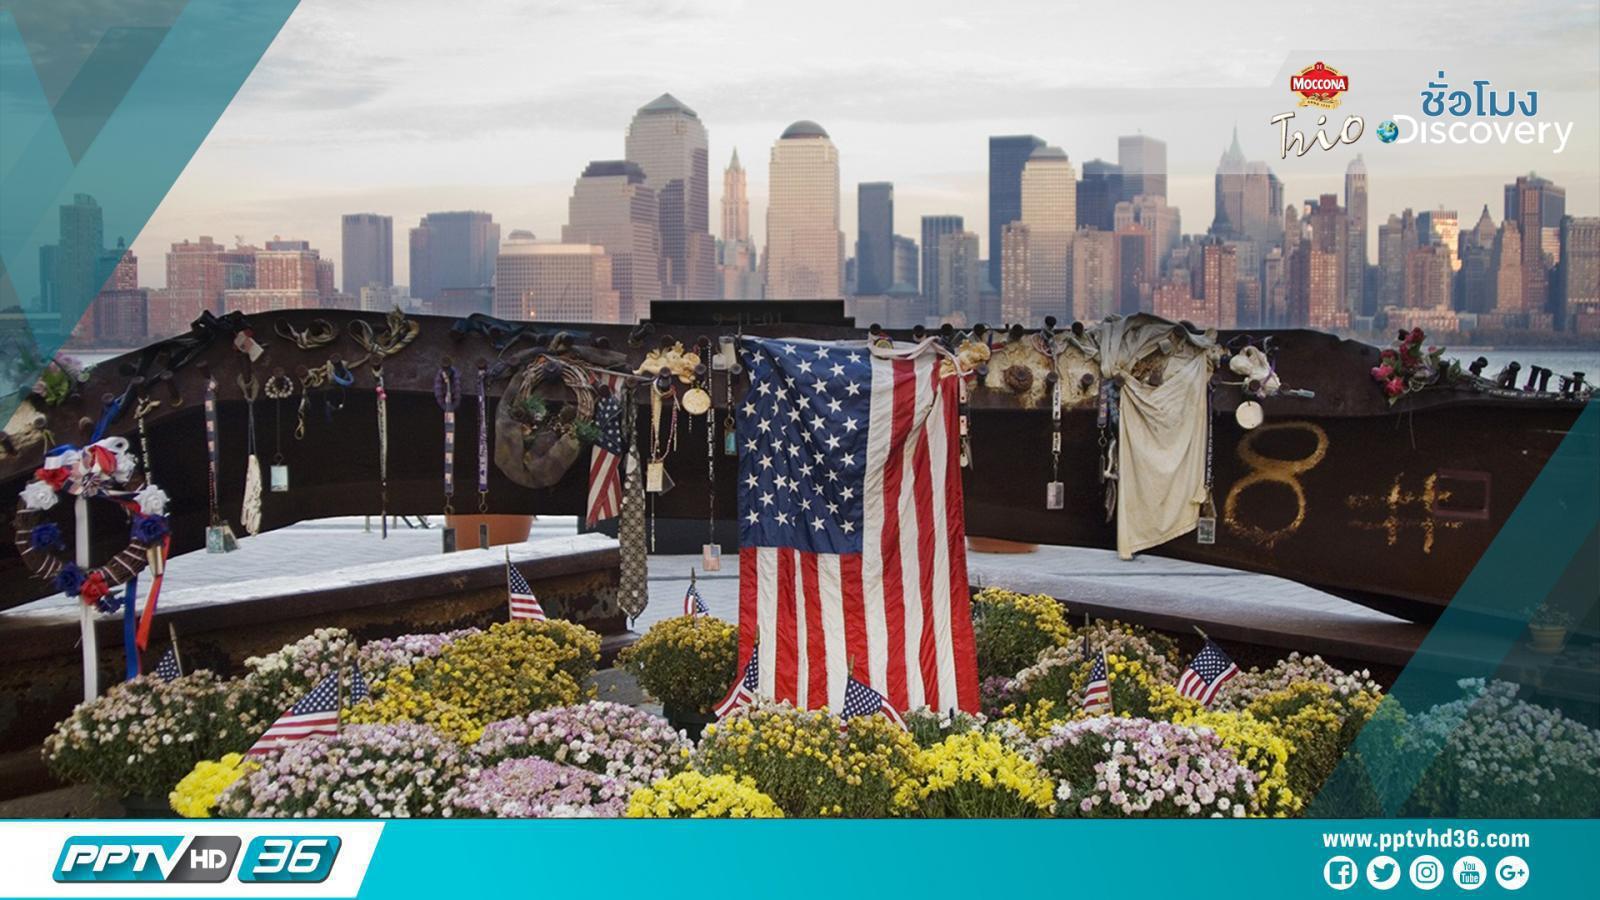 ระลึกถึงเหตุการณ์ 9/11 และผลเสียทางเศรษฐกิจ